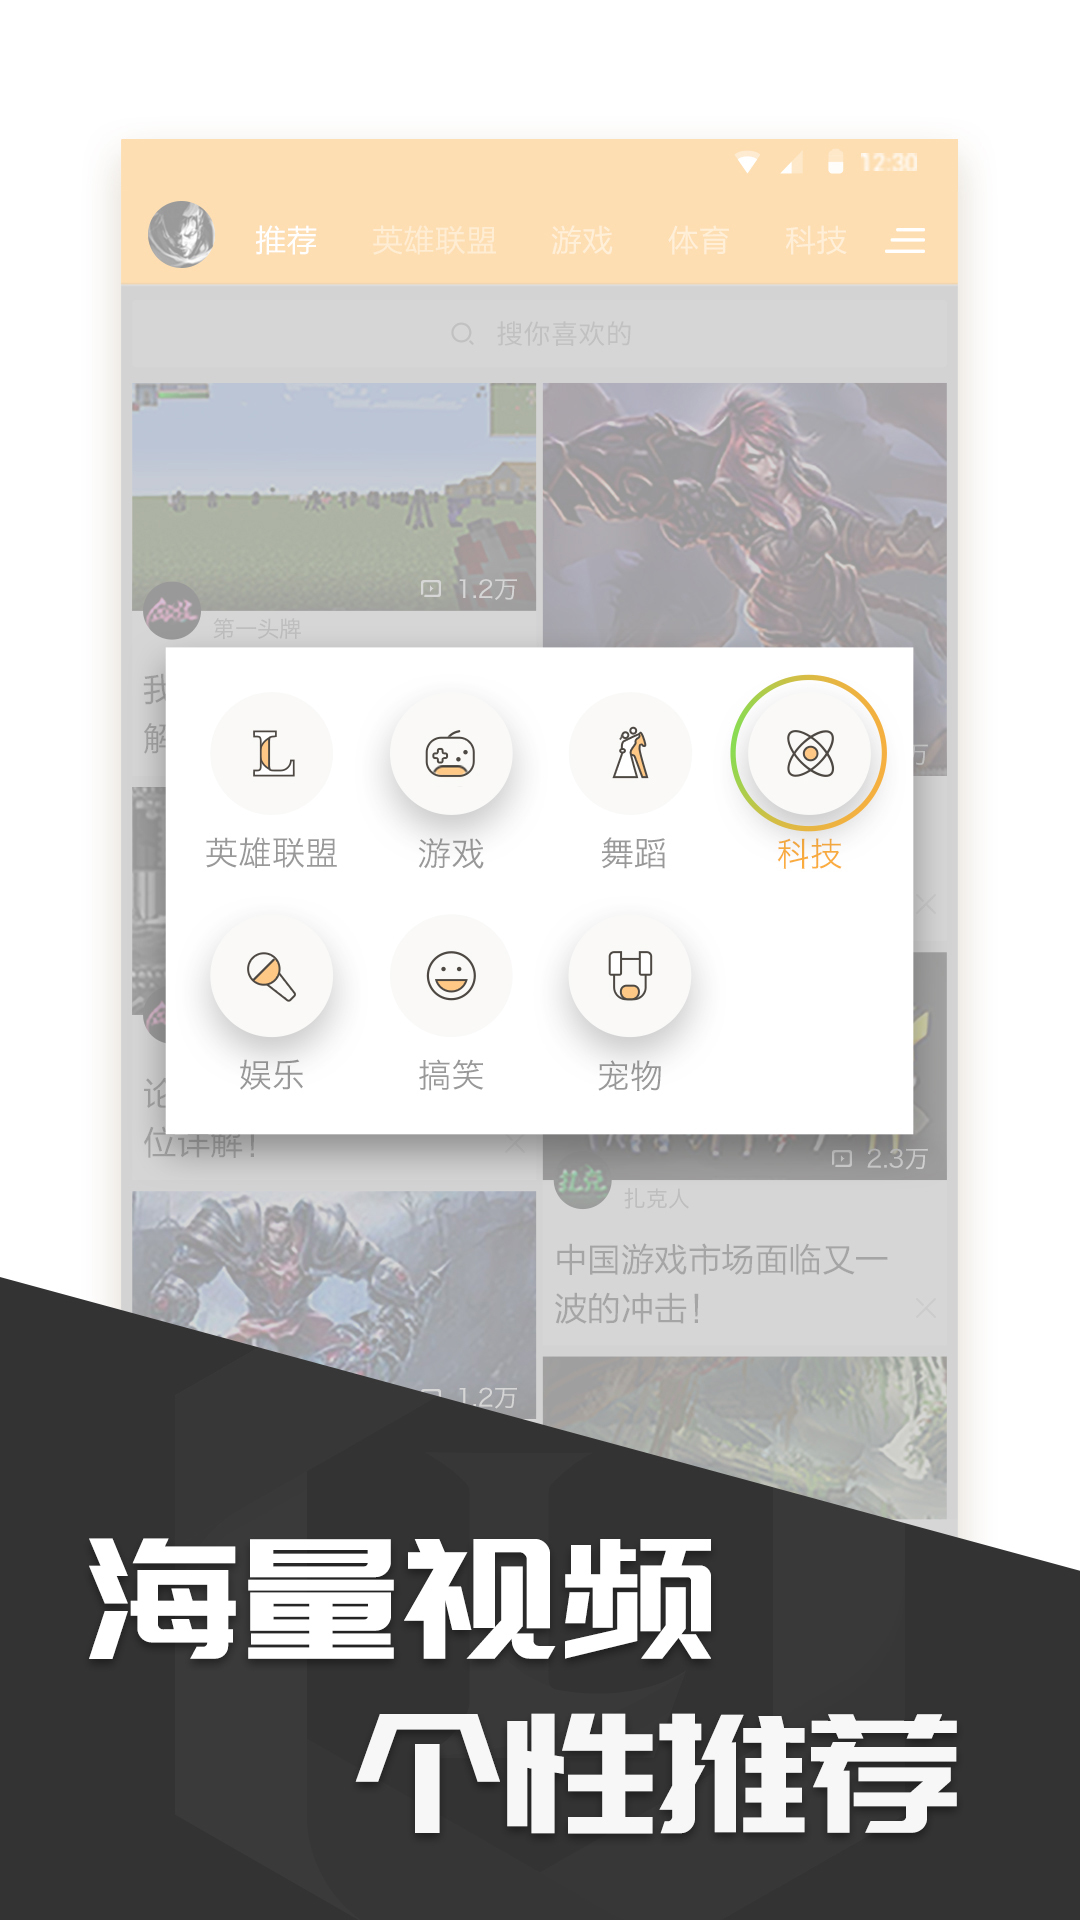 多玩饭盒安卓版 V4.3.9